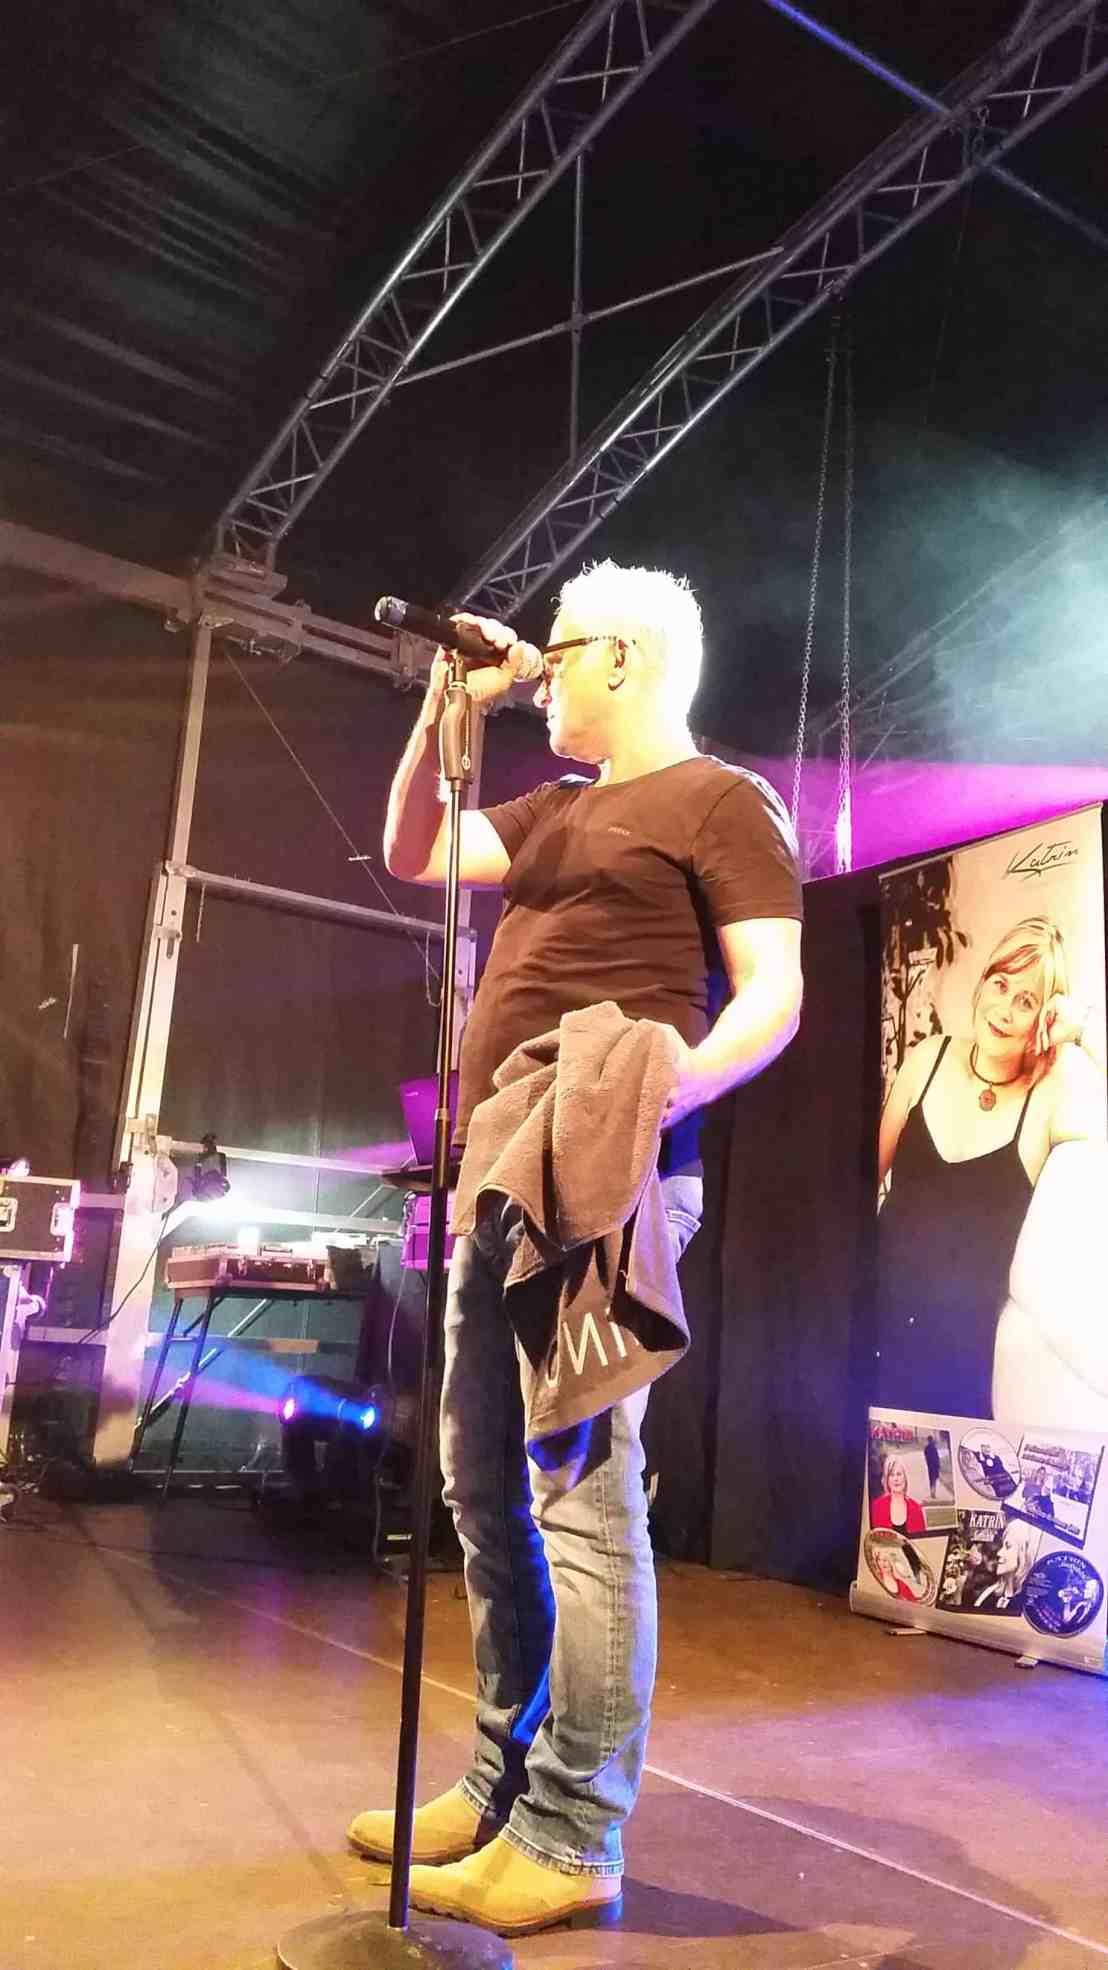 Nino auf der Bühne in der Hand hat er ein graues Handtuch